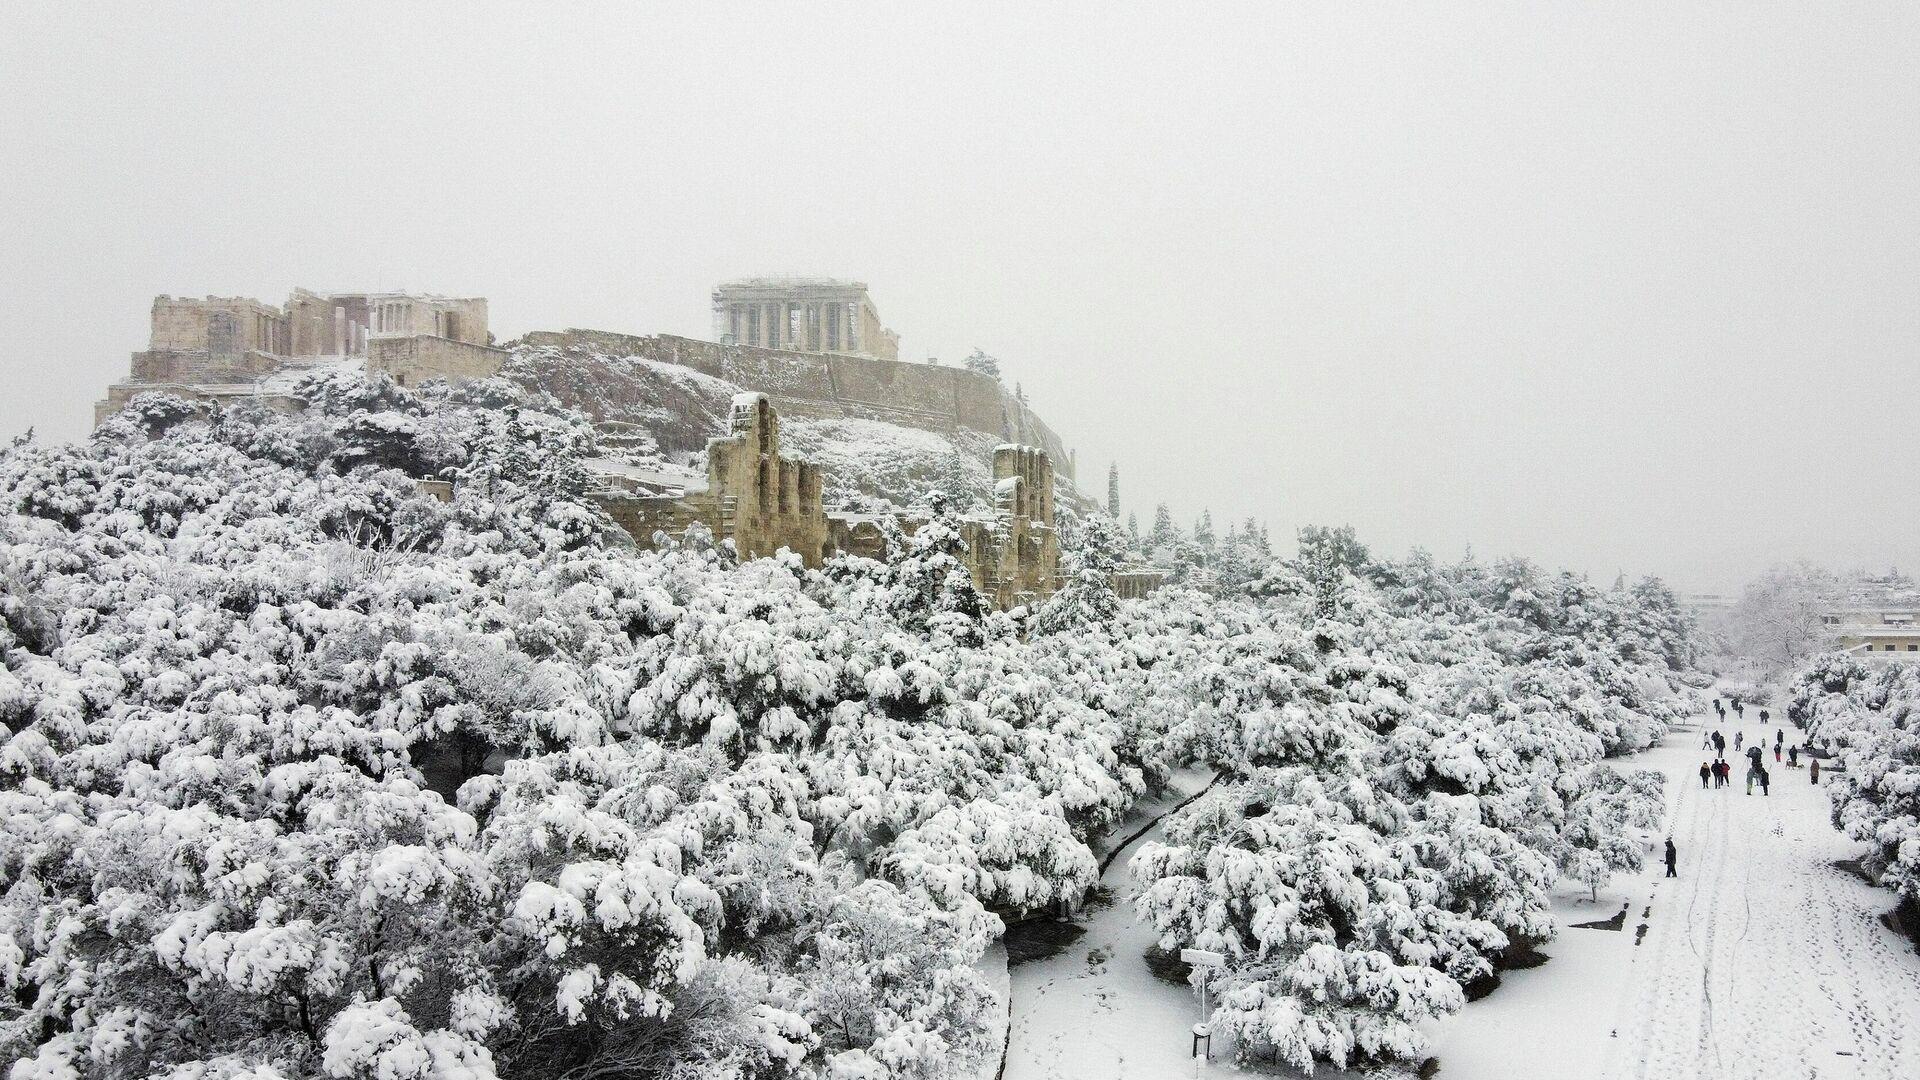 Una fuerte nevada en Atenas, Grecia - Sputnik Mundo, 1920, 21.02.2021